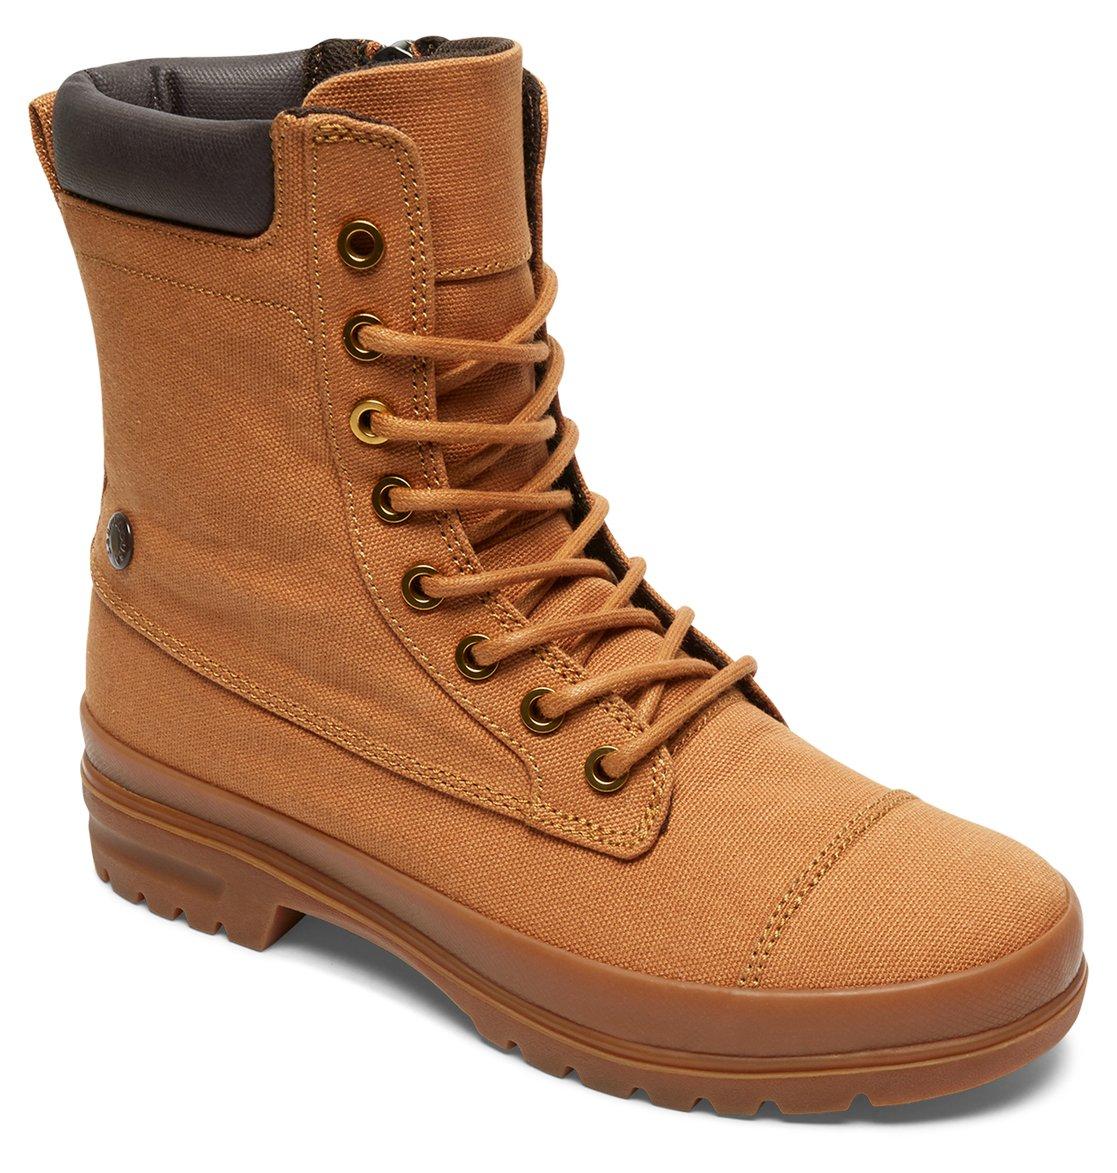 DC Shoes Amnesti TX - Lace-Up Boots - Bottes à lacets - Femme